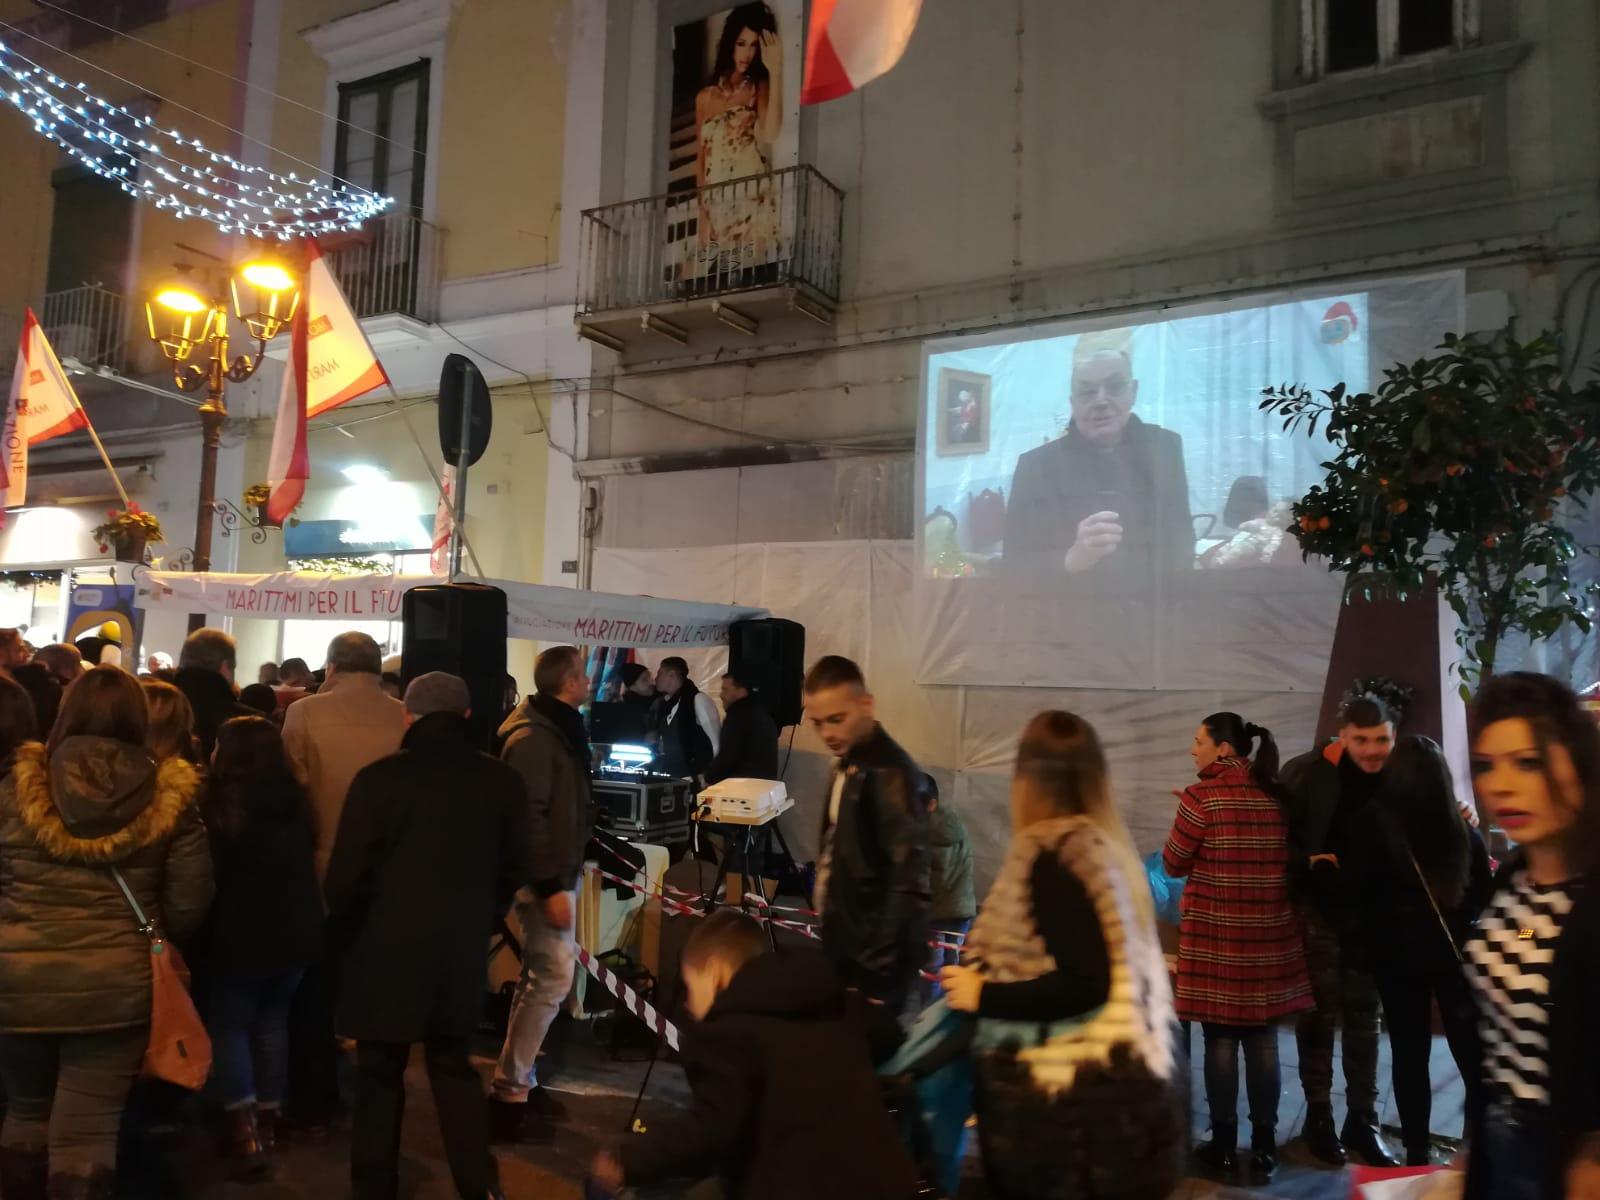 Natale a Torre del Greco: bagno di folla allo stand dei Marittimi con animazione e popcorn